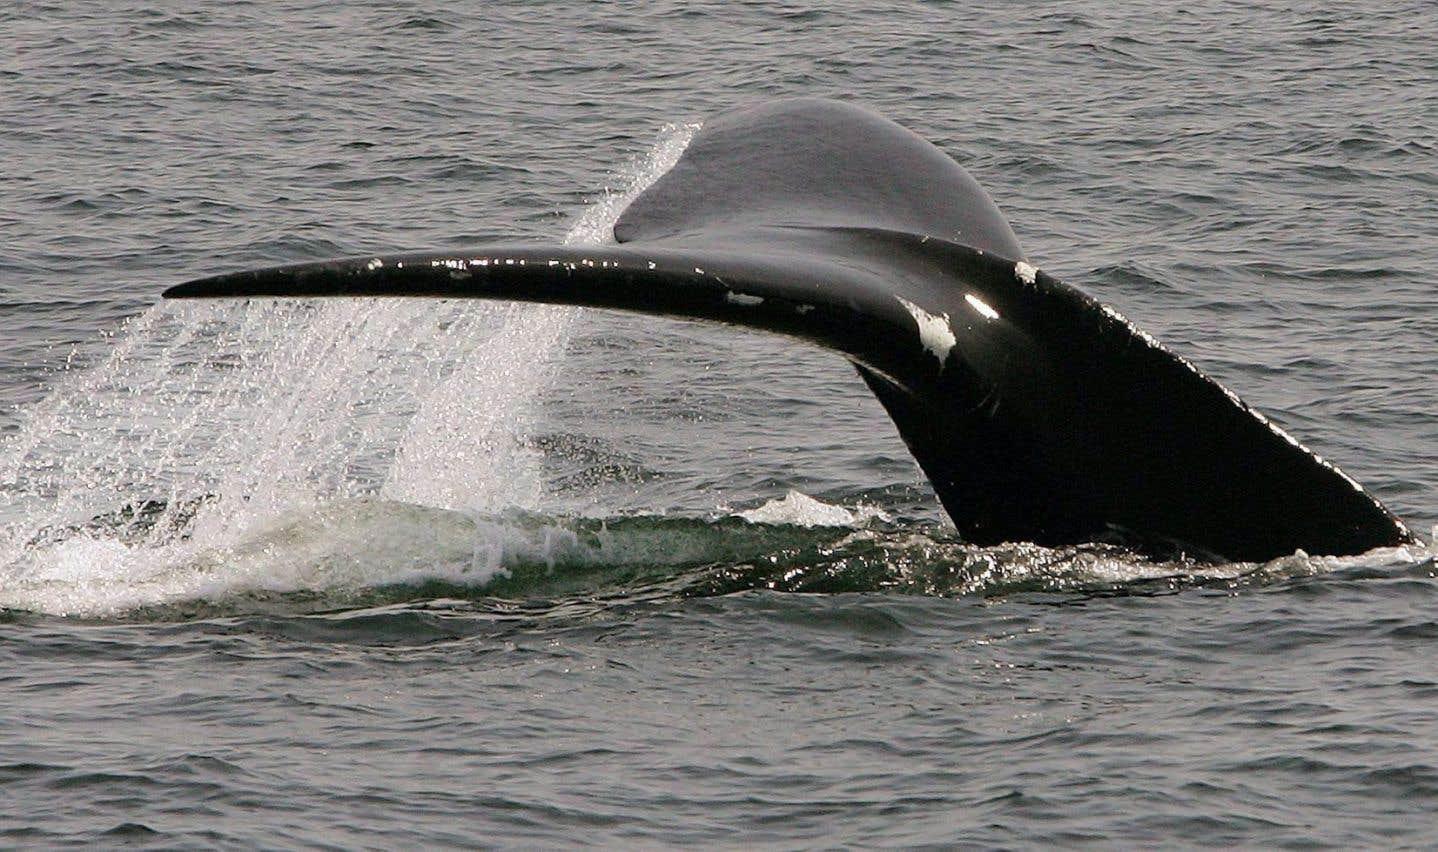 Deux autres carcasses de baleine noire sont retrouvées à Terre-Neuve